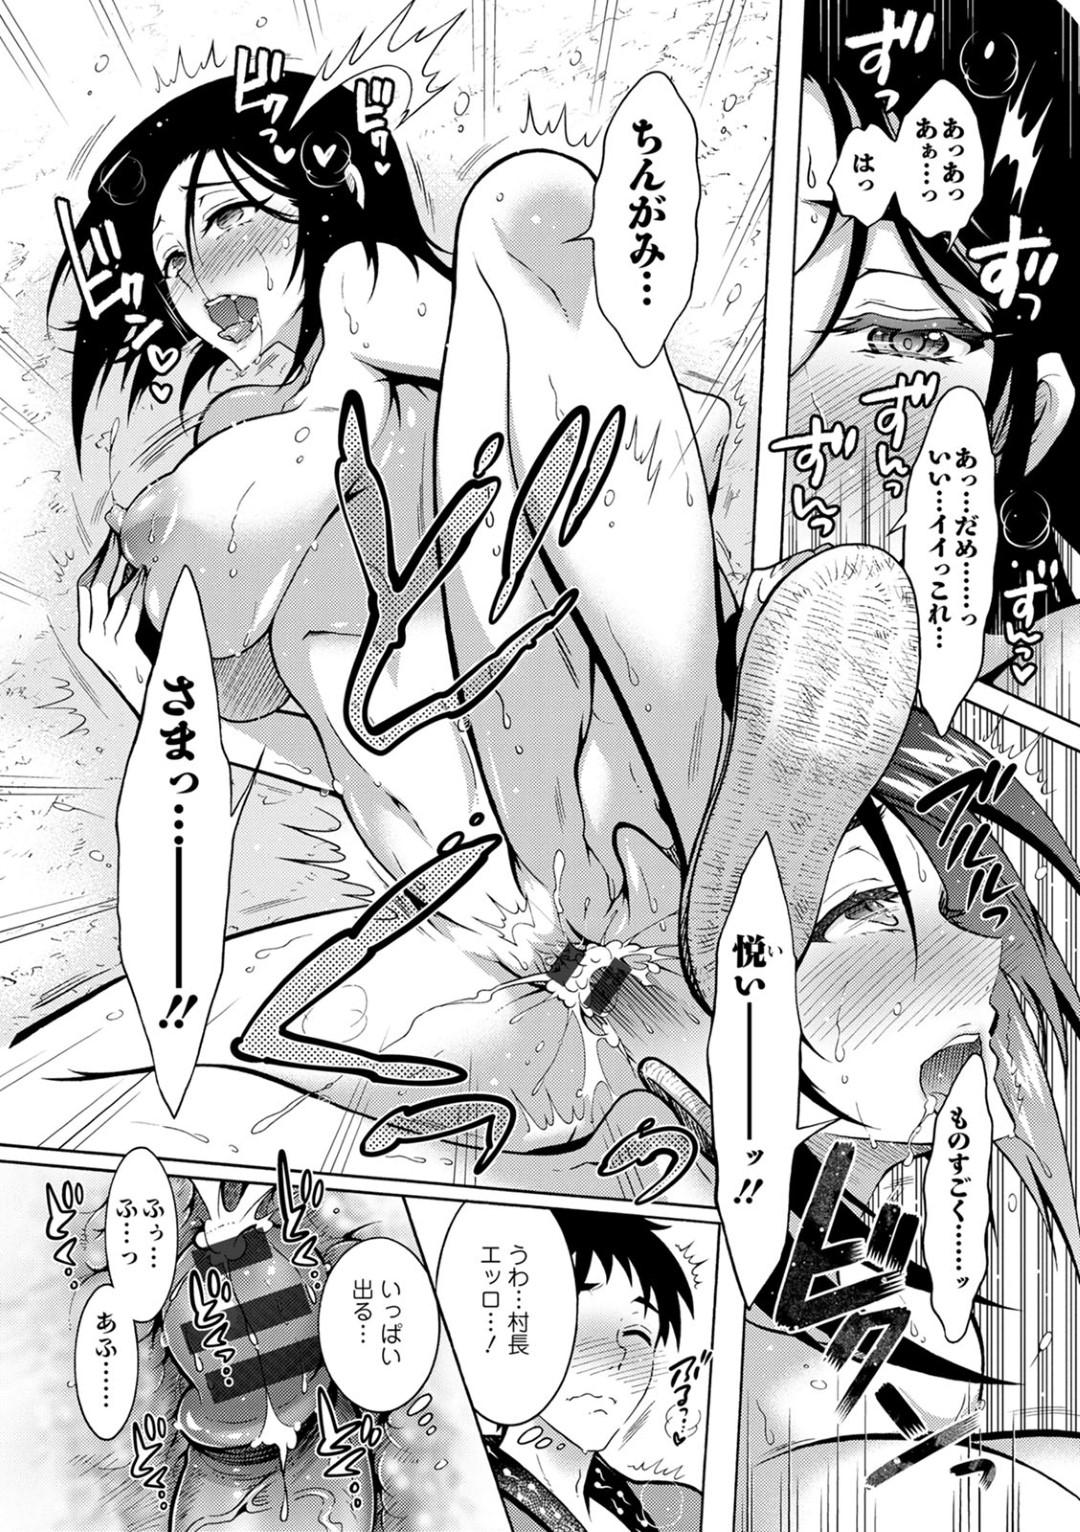 【エロ漫画】女だらけの村でちんがみさまと祀られている主人公に群がるお姉さん達…彼女たちは彼に尻を突き出したり、開脚しては挿入をおねだりする。それに答えるように彼は正常位やバックなどの体位で次々と中出ししたり、授乳手コキなどエッチなご奉仕を受ける。【ほんだありま:ちんがみさま 第6話】